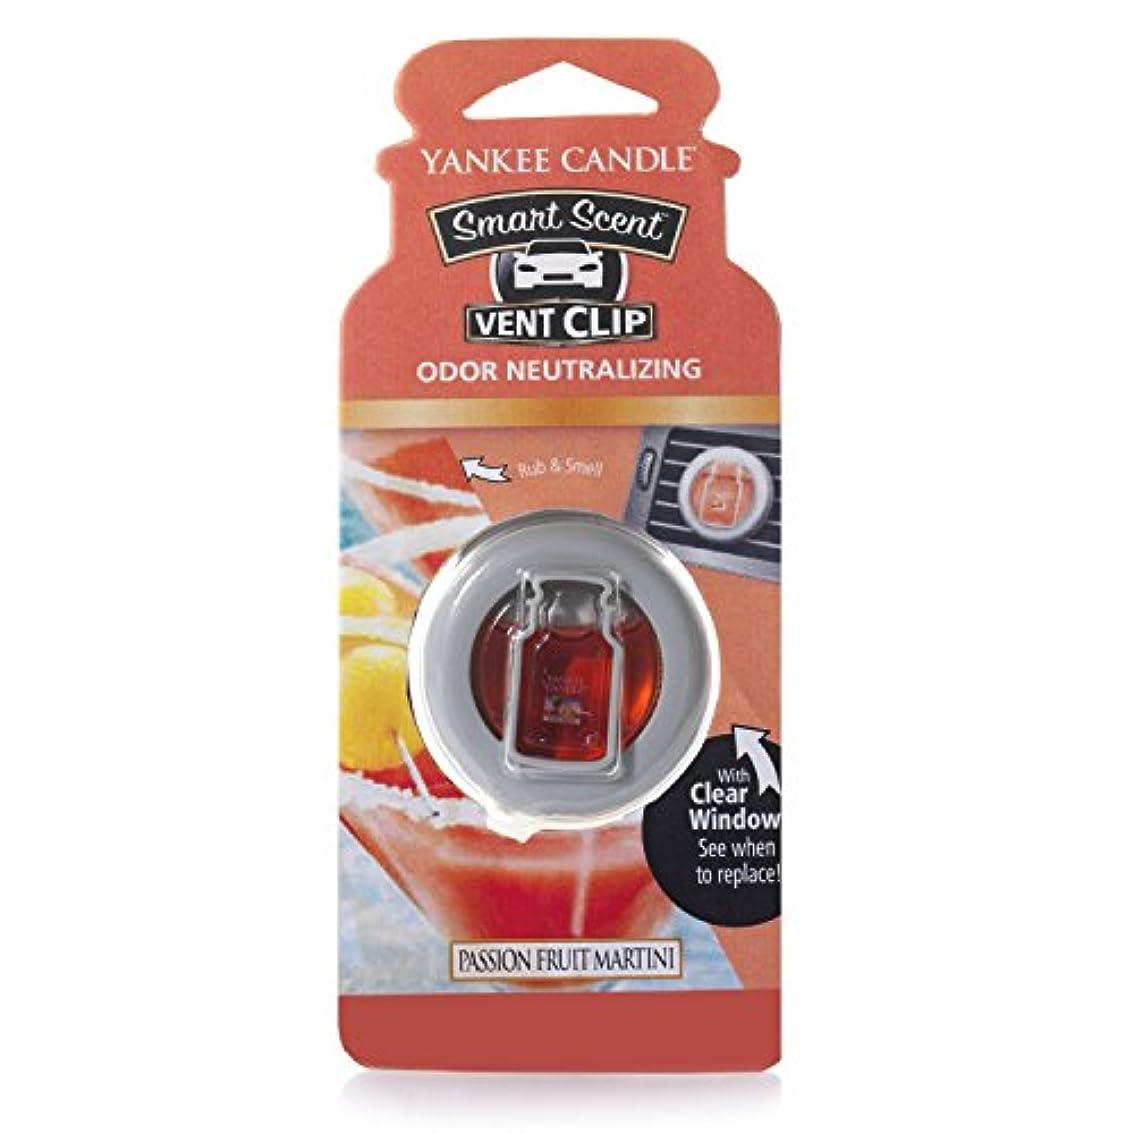 メジャー統計的謙虚Yankee CandleパッションフルーツMartini Smart Scent Car Vent Clip Air Freshener 1351862